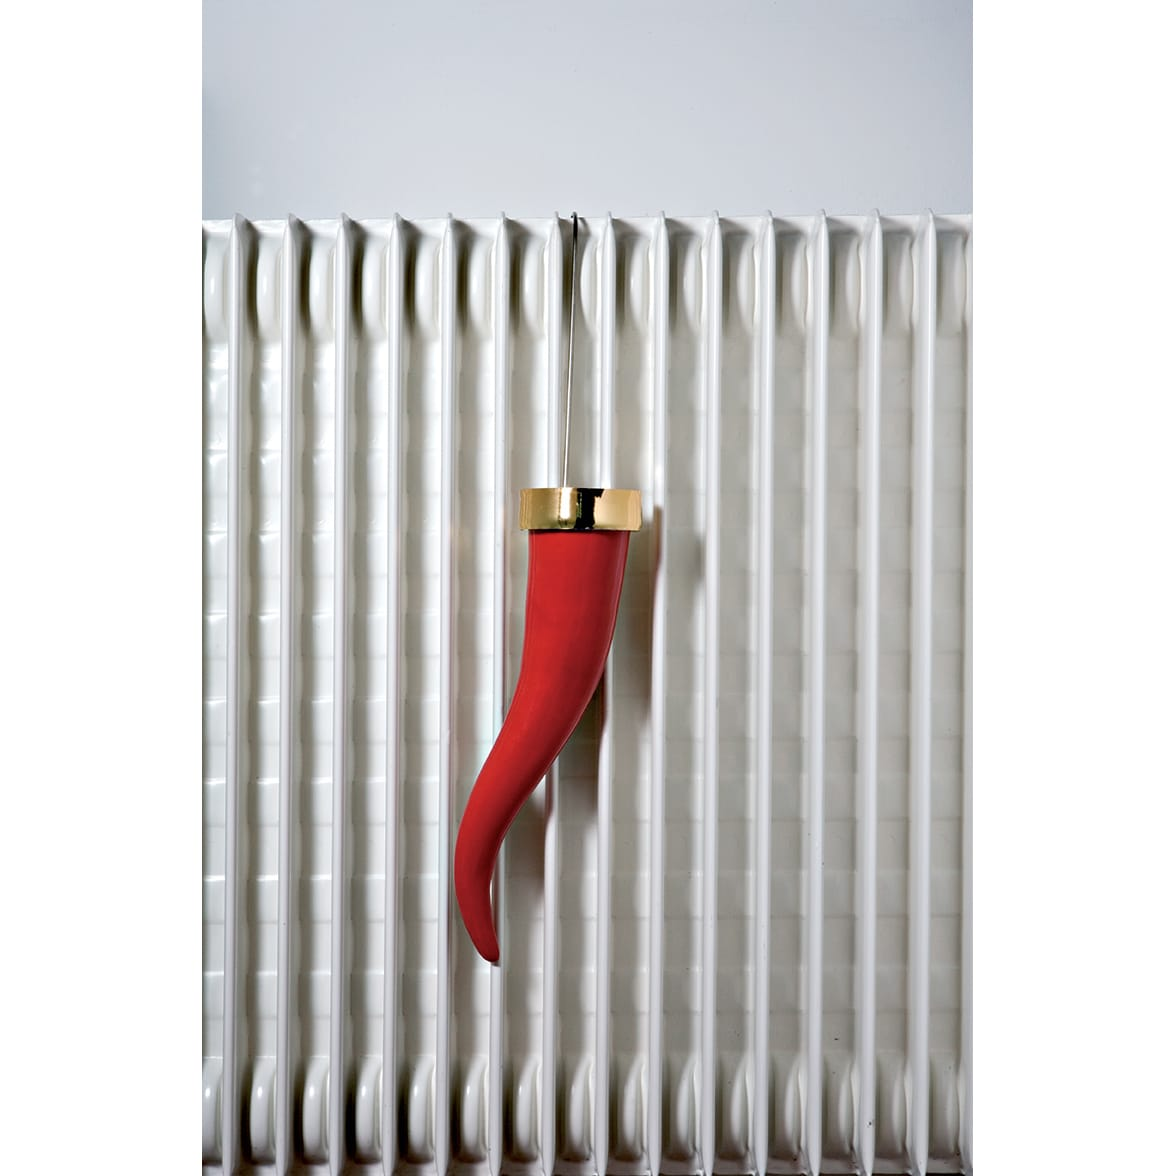 umidificatore per radiatore a forma di corno rosso portafortuna